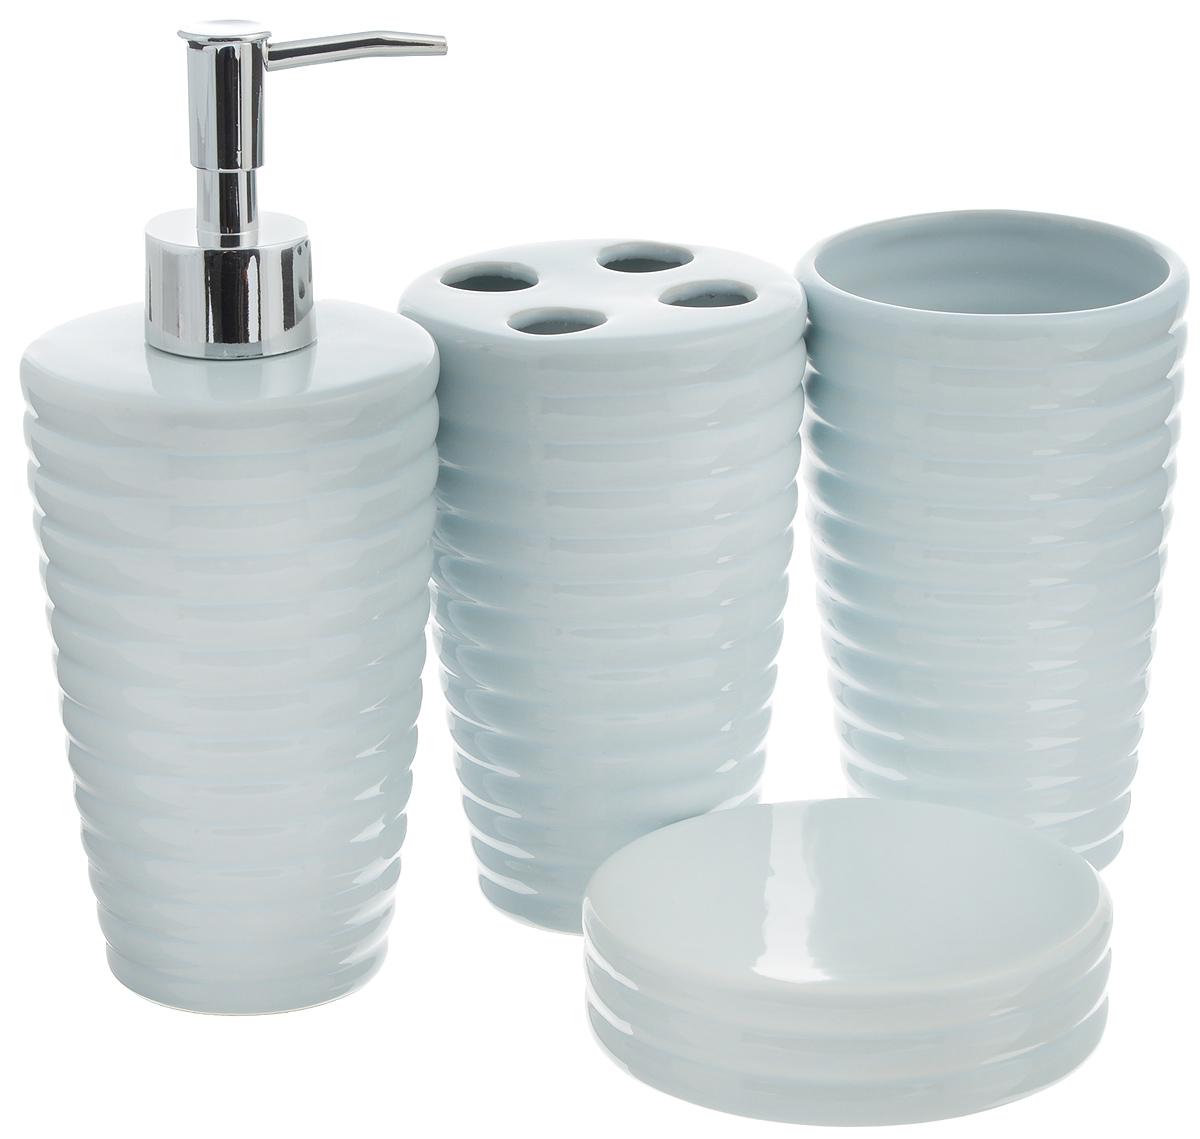 Набор для ванной комнаты Aqua Line Мята, 4 предмета1300140Набор для ванной комнаты Aqua Line Мята включает стакан, подставку для зубных щеток, мыльницу и диспенсер для жидкого мыла с пластиковым дозатором. Набор выполнен из прочного фарфора высокого качества и декорирован красивым рельефом. Все элементы выдержаны в одном стиле, что позволяет создать в ванной комнате стильный и оригинальный функционально-декоративный ансамбль. Такой набор аксессуаров придаст интерьеру вашей ванной комнаты элегантность и современность. Размер мыльницы: 10,5 х 10,5 х 3 см. Диаметр стакана/подставки (по верхнему краю): 8,5 см. Высота стакана/подставки: 13,5 см. Высота диспенсера: 20 см.